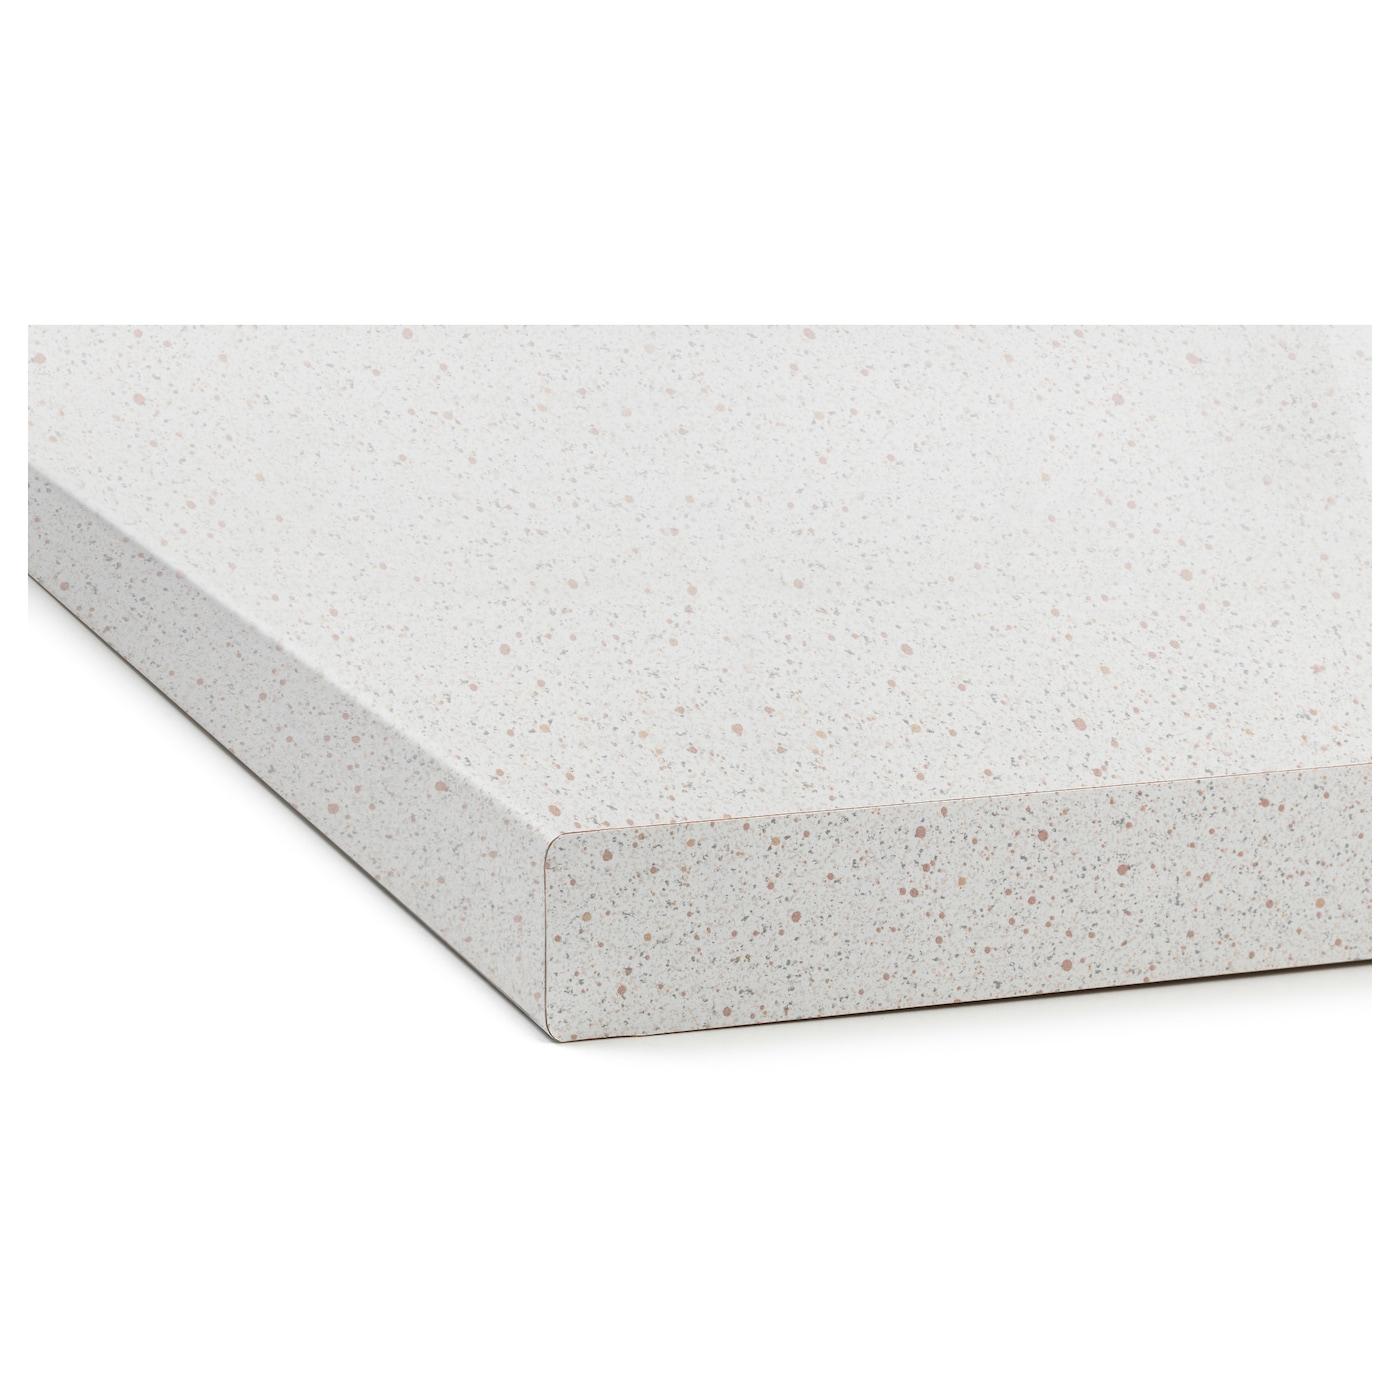 S ljan plan de travail blanc motif pierre 186x3 8 cm ikea - Plan de travail marbre ikea ...